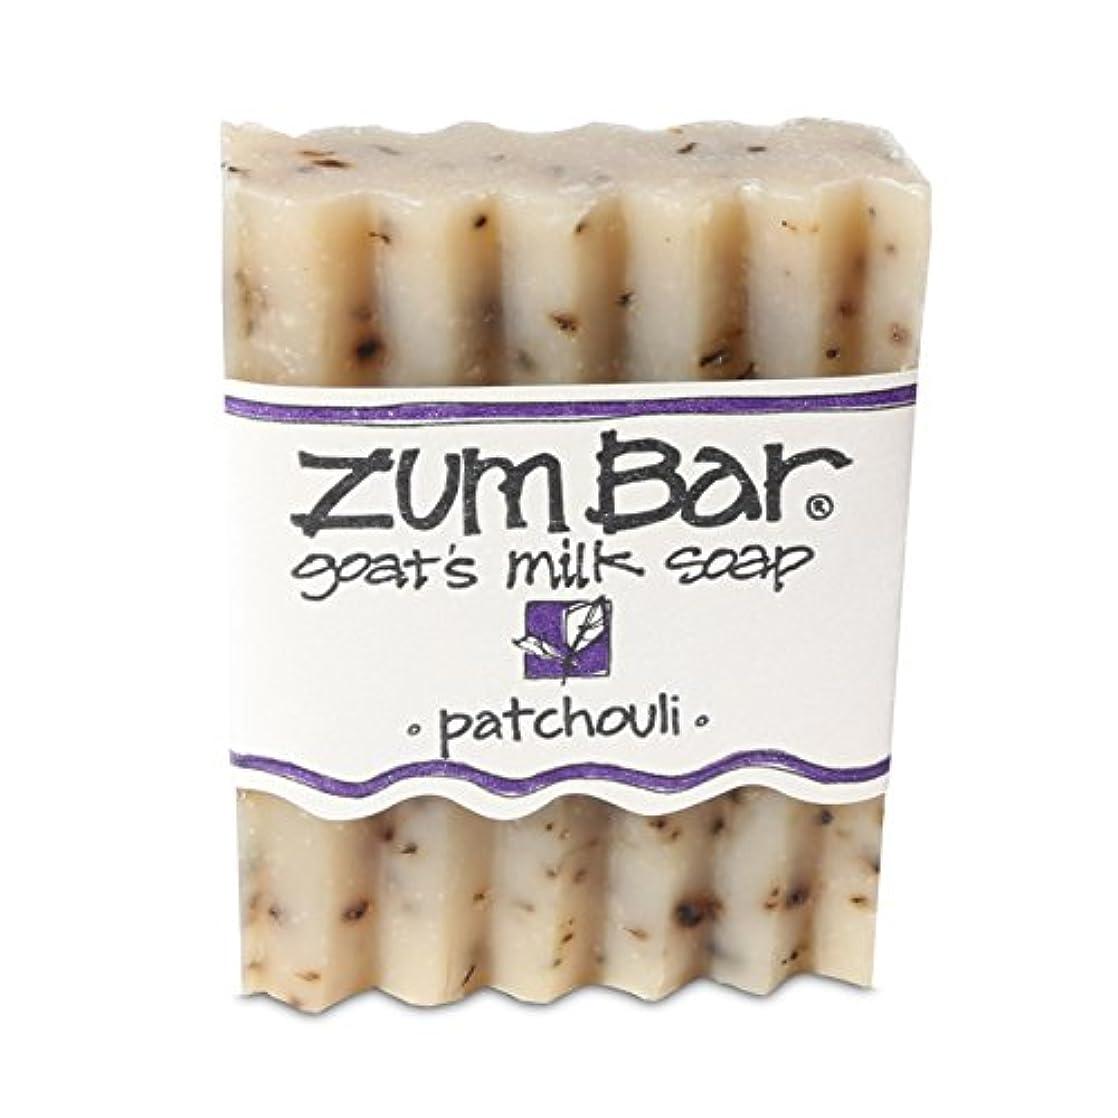 北西組み込む熱心海外直送品 Indigo Wild, Zum Bar, Goat's ミルク ソープ パチョリ, 3 Ounces (2個セット) (Patchouli) [並行輸入品]